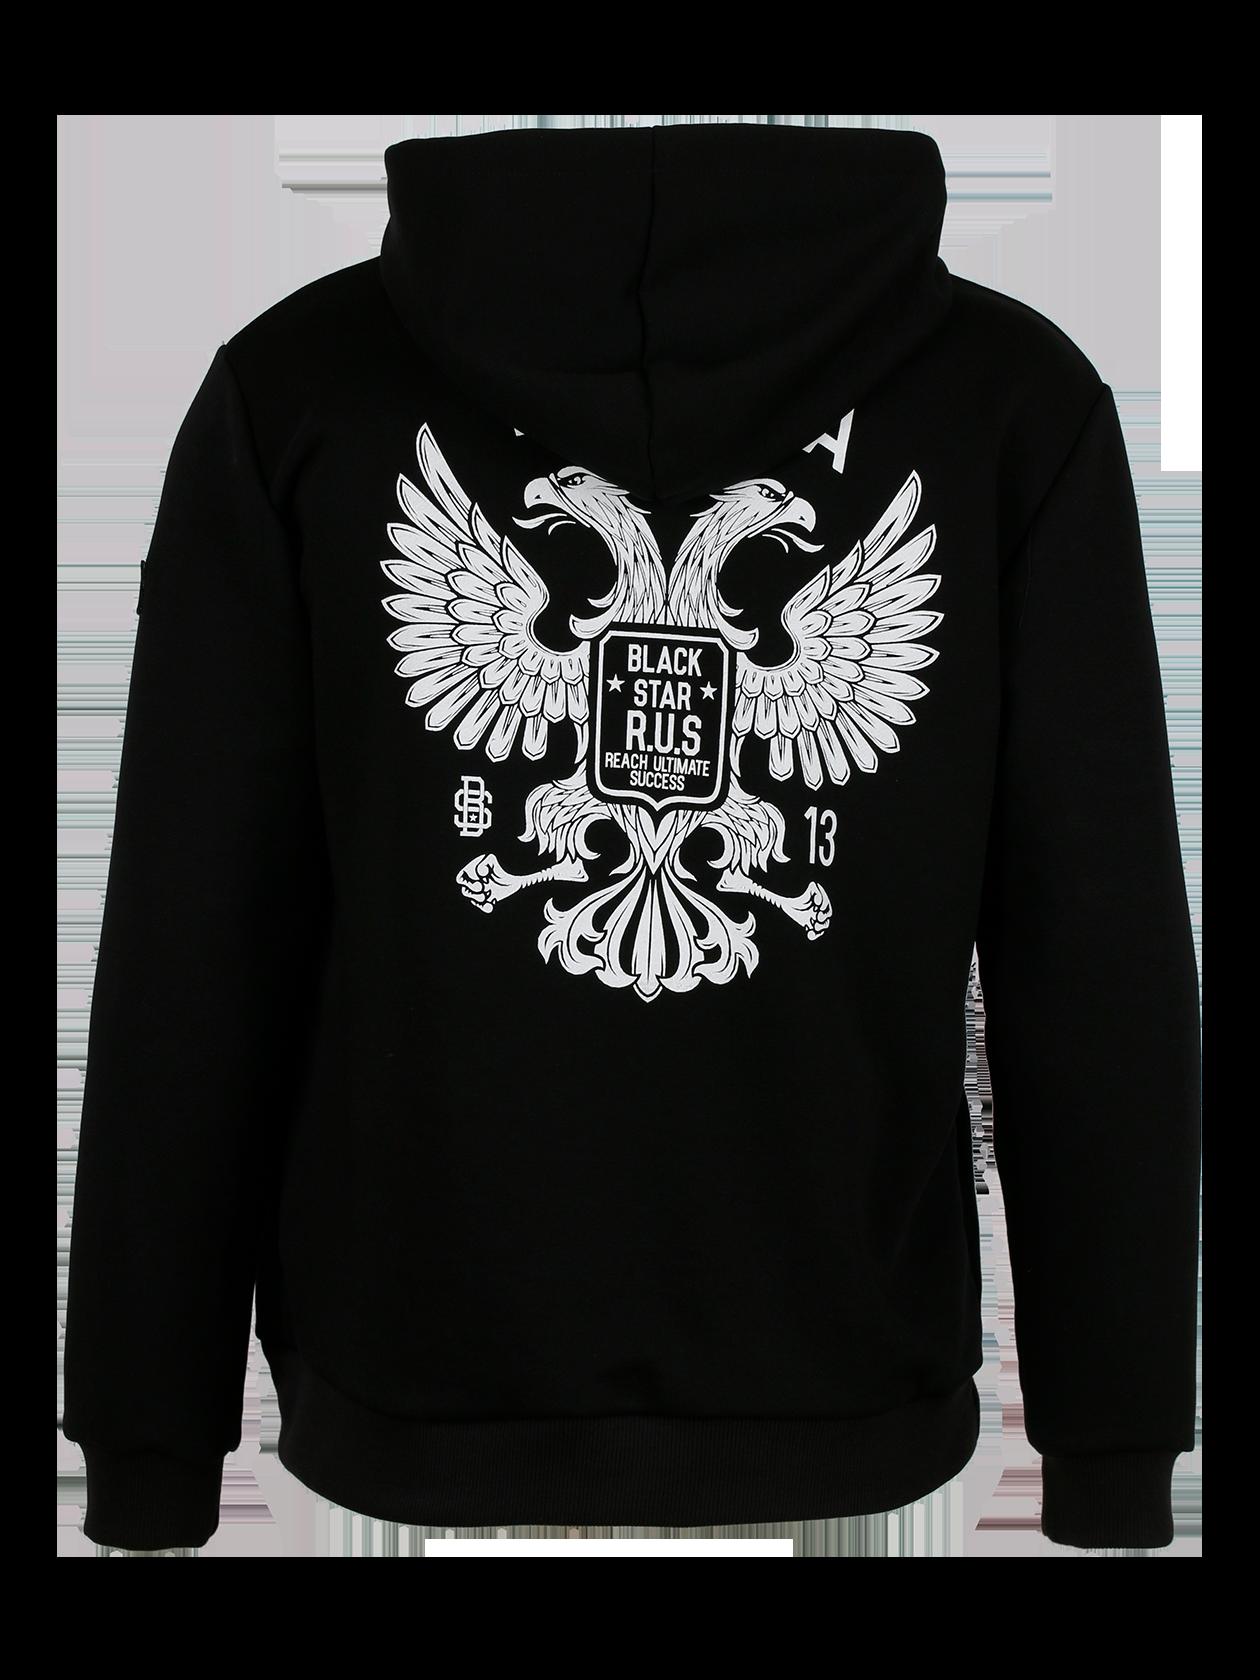 Костюм спортивный мужской RUSSIA GERBКостюм спортивный мужской Russia Gerb – для тех, кто заботится о своем стиле каждый день. Комплект выполнен в черном цвете, отличается практичностью за счет натурального футера. Толстовка со слитным капюшоном на завязках и вместительным карманом-кенгуру спереди. Прямой свободный крой дополнен широкими эластичными манжетами и низом для лучшей посадки. Джоггеры заужены к низу трикотажной резинкой. Широкий пояс хорошо фиксирует вещь по фигуре. На левом плече нашивка «российский триколор». Идеальный вариант для отдыха, спорта и повседневной жизни.<br><br>Размер: S<br>Цвет: Черный<br>Пол: Мужской